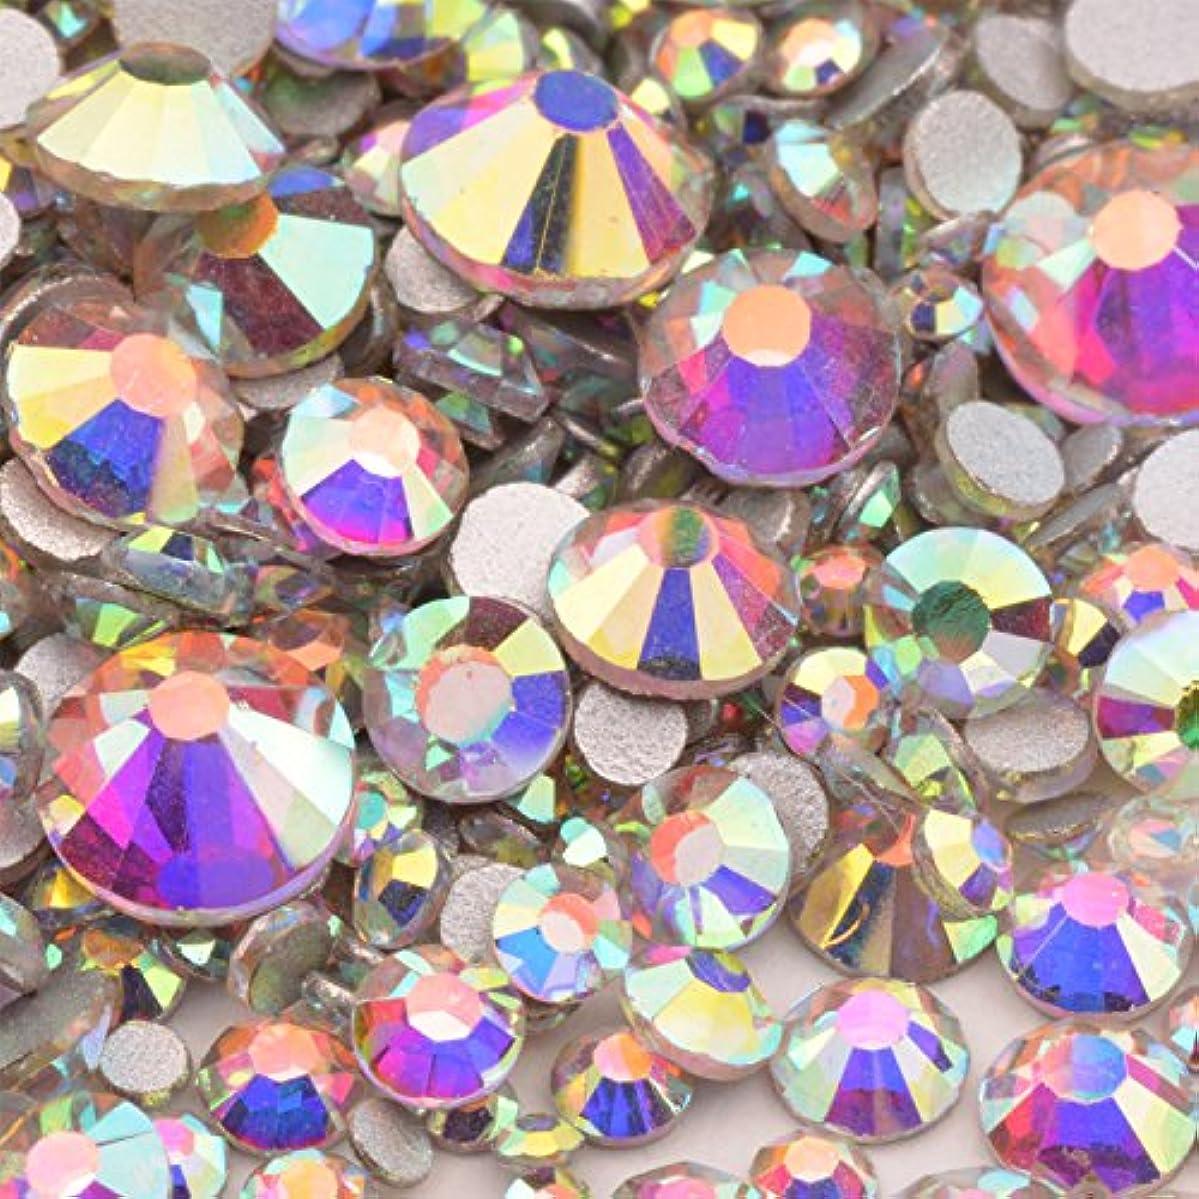 パンチカップル引っ張る高品質ガラスストーン mixサイズ SS20 SS16 SS12 SS10 SS8 SS6 SS4 SS3 (入数1000粒以上) (オーロラmix)